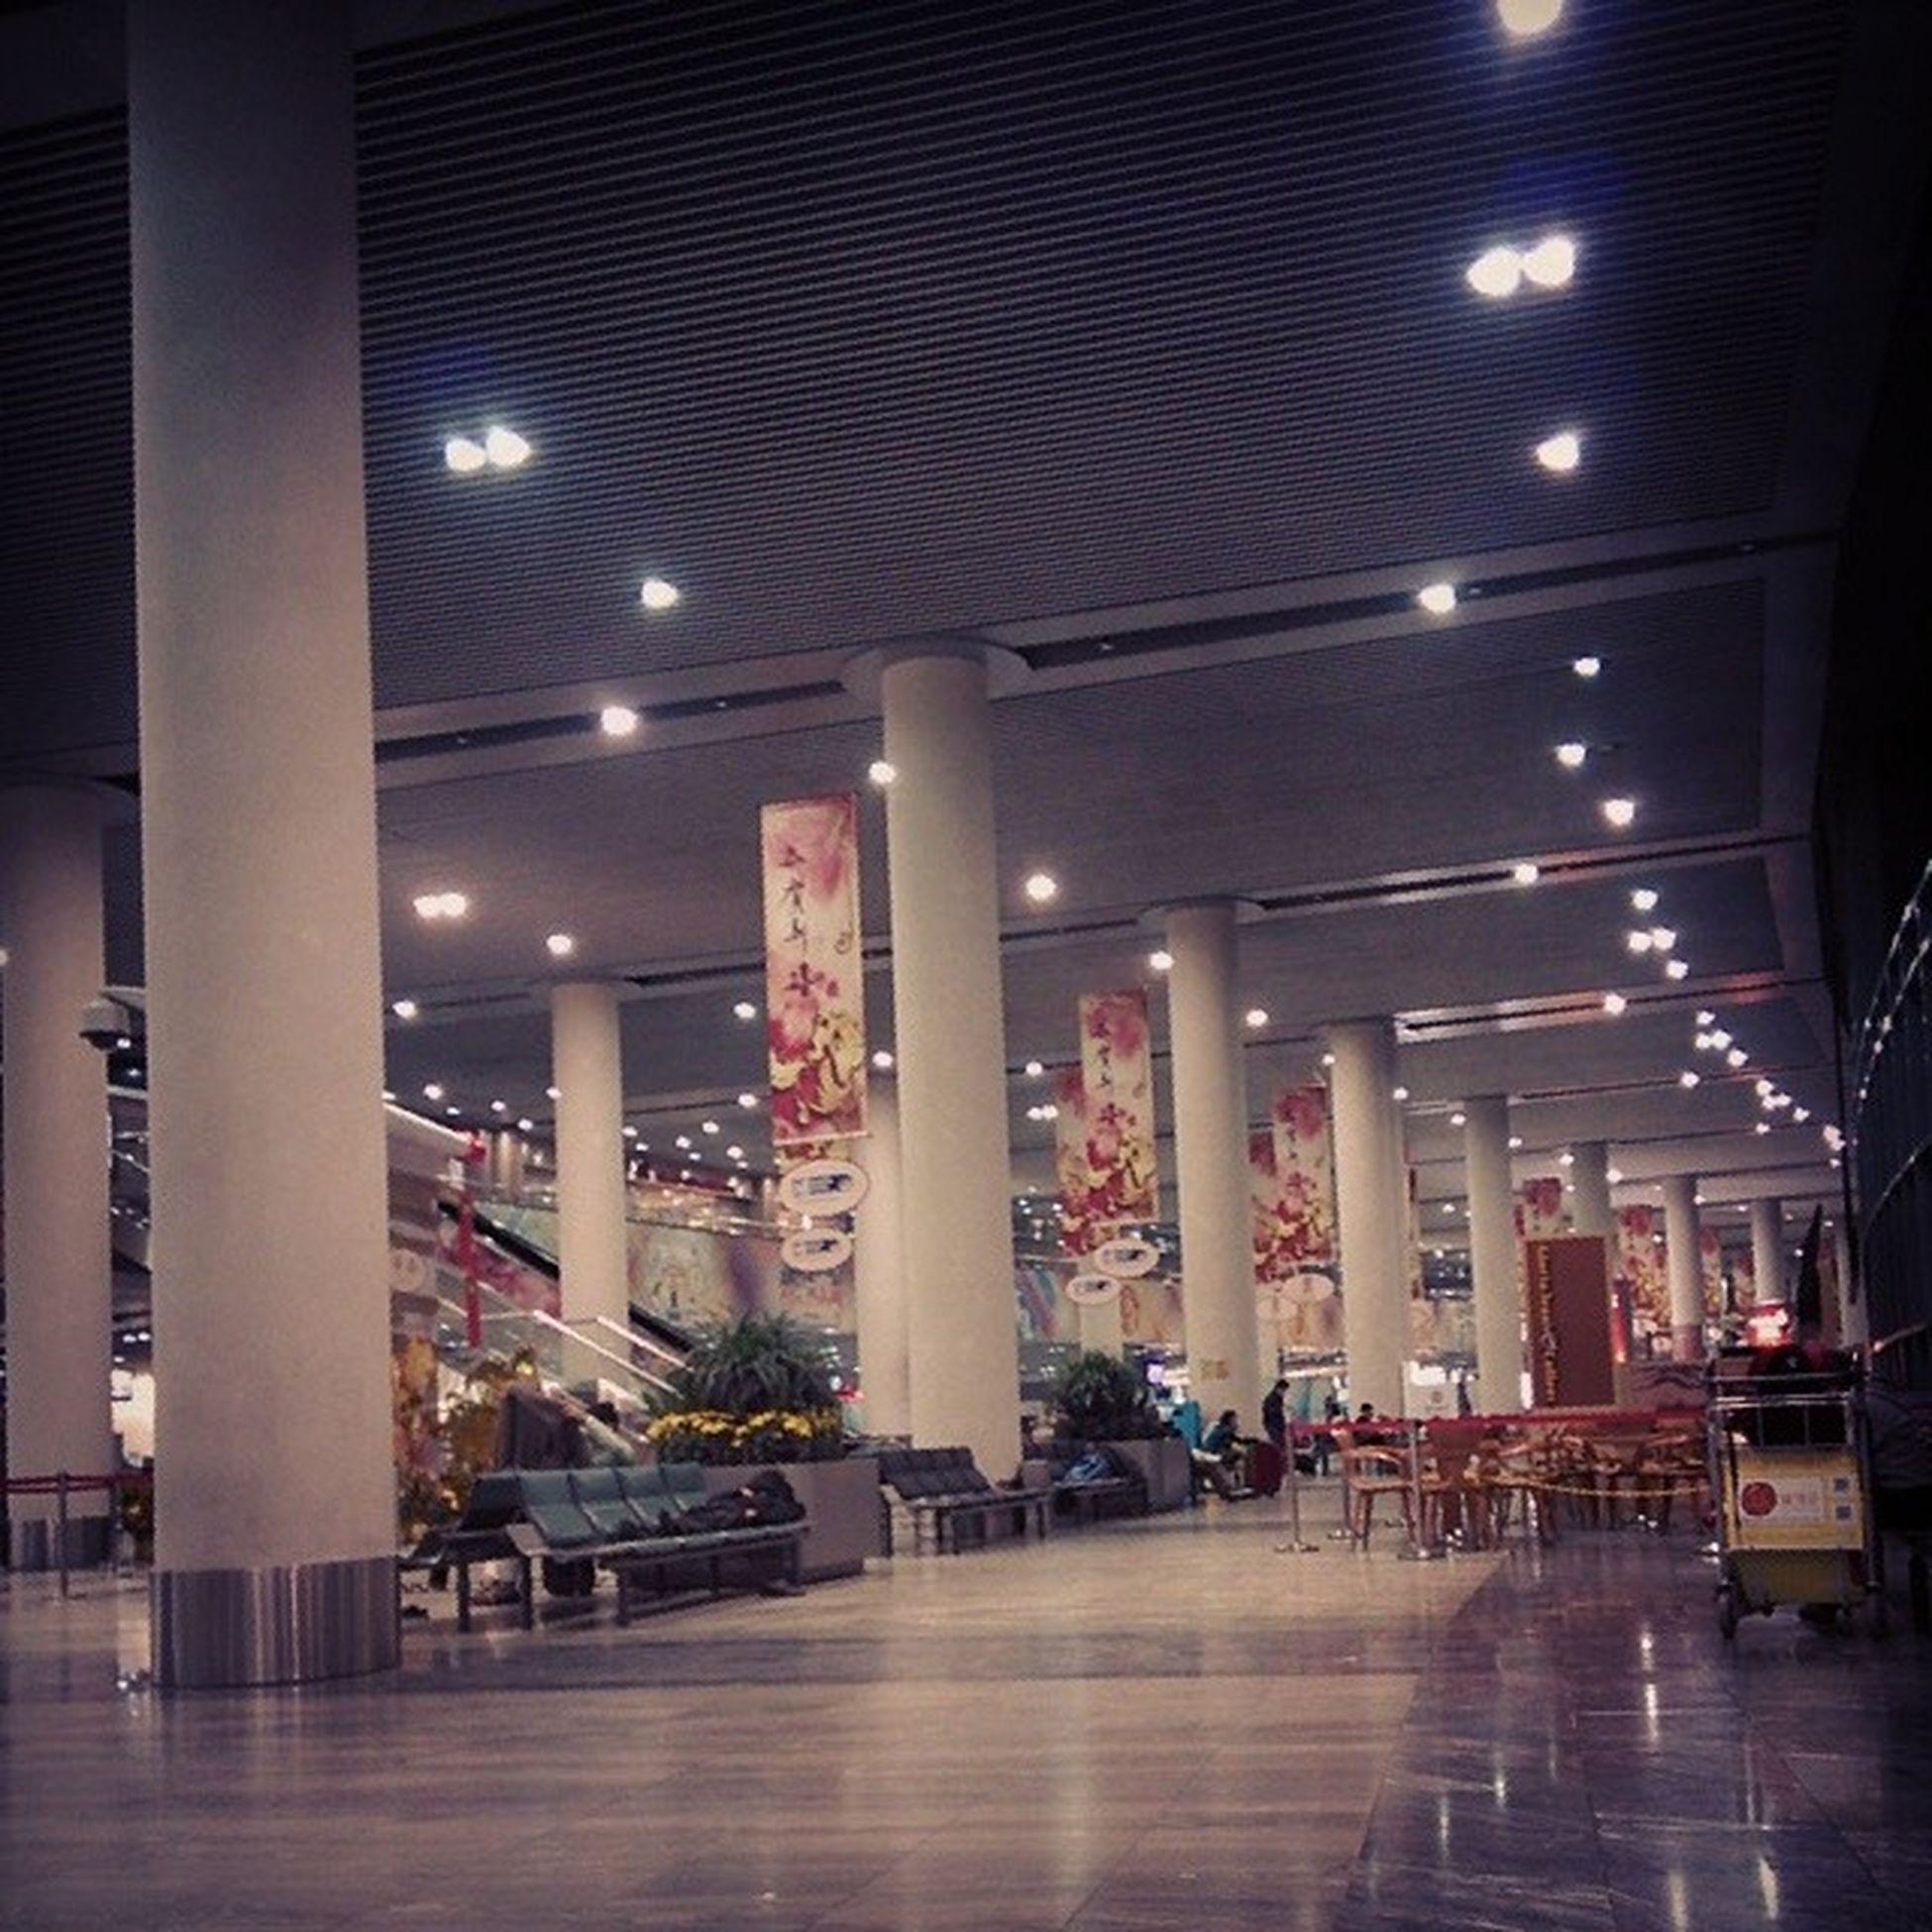 I'm in Macau la!